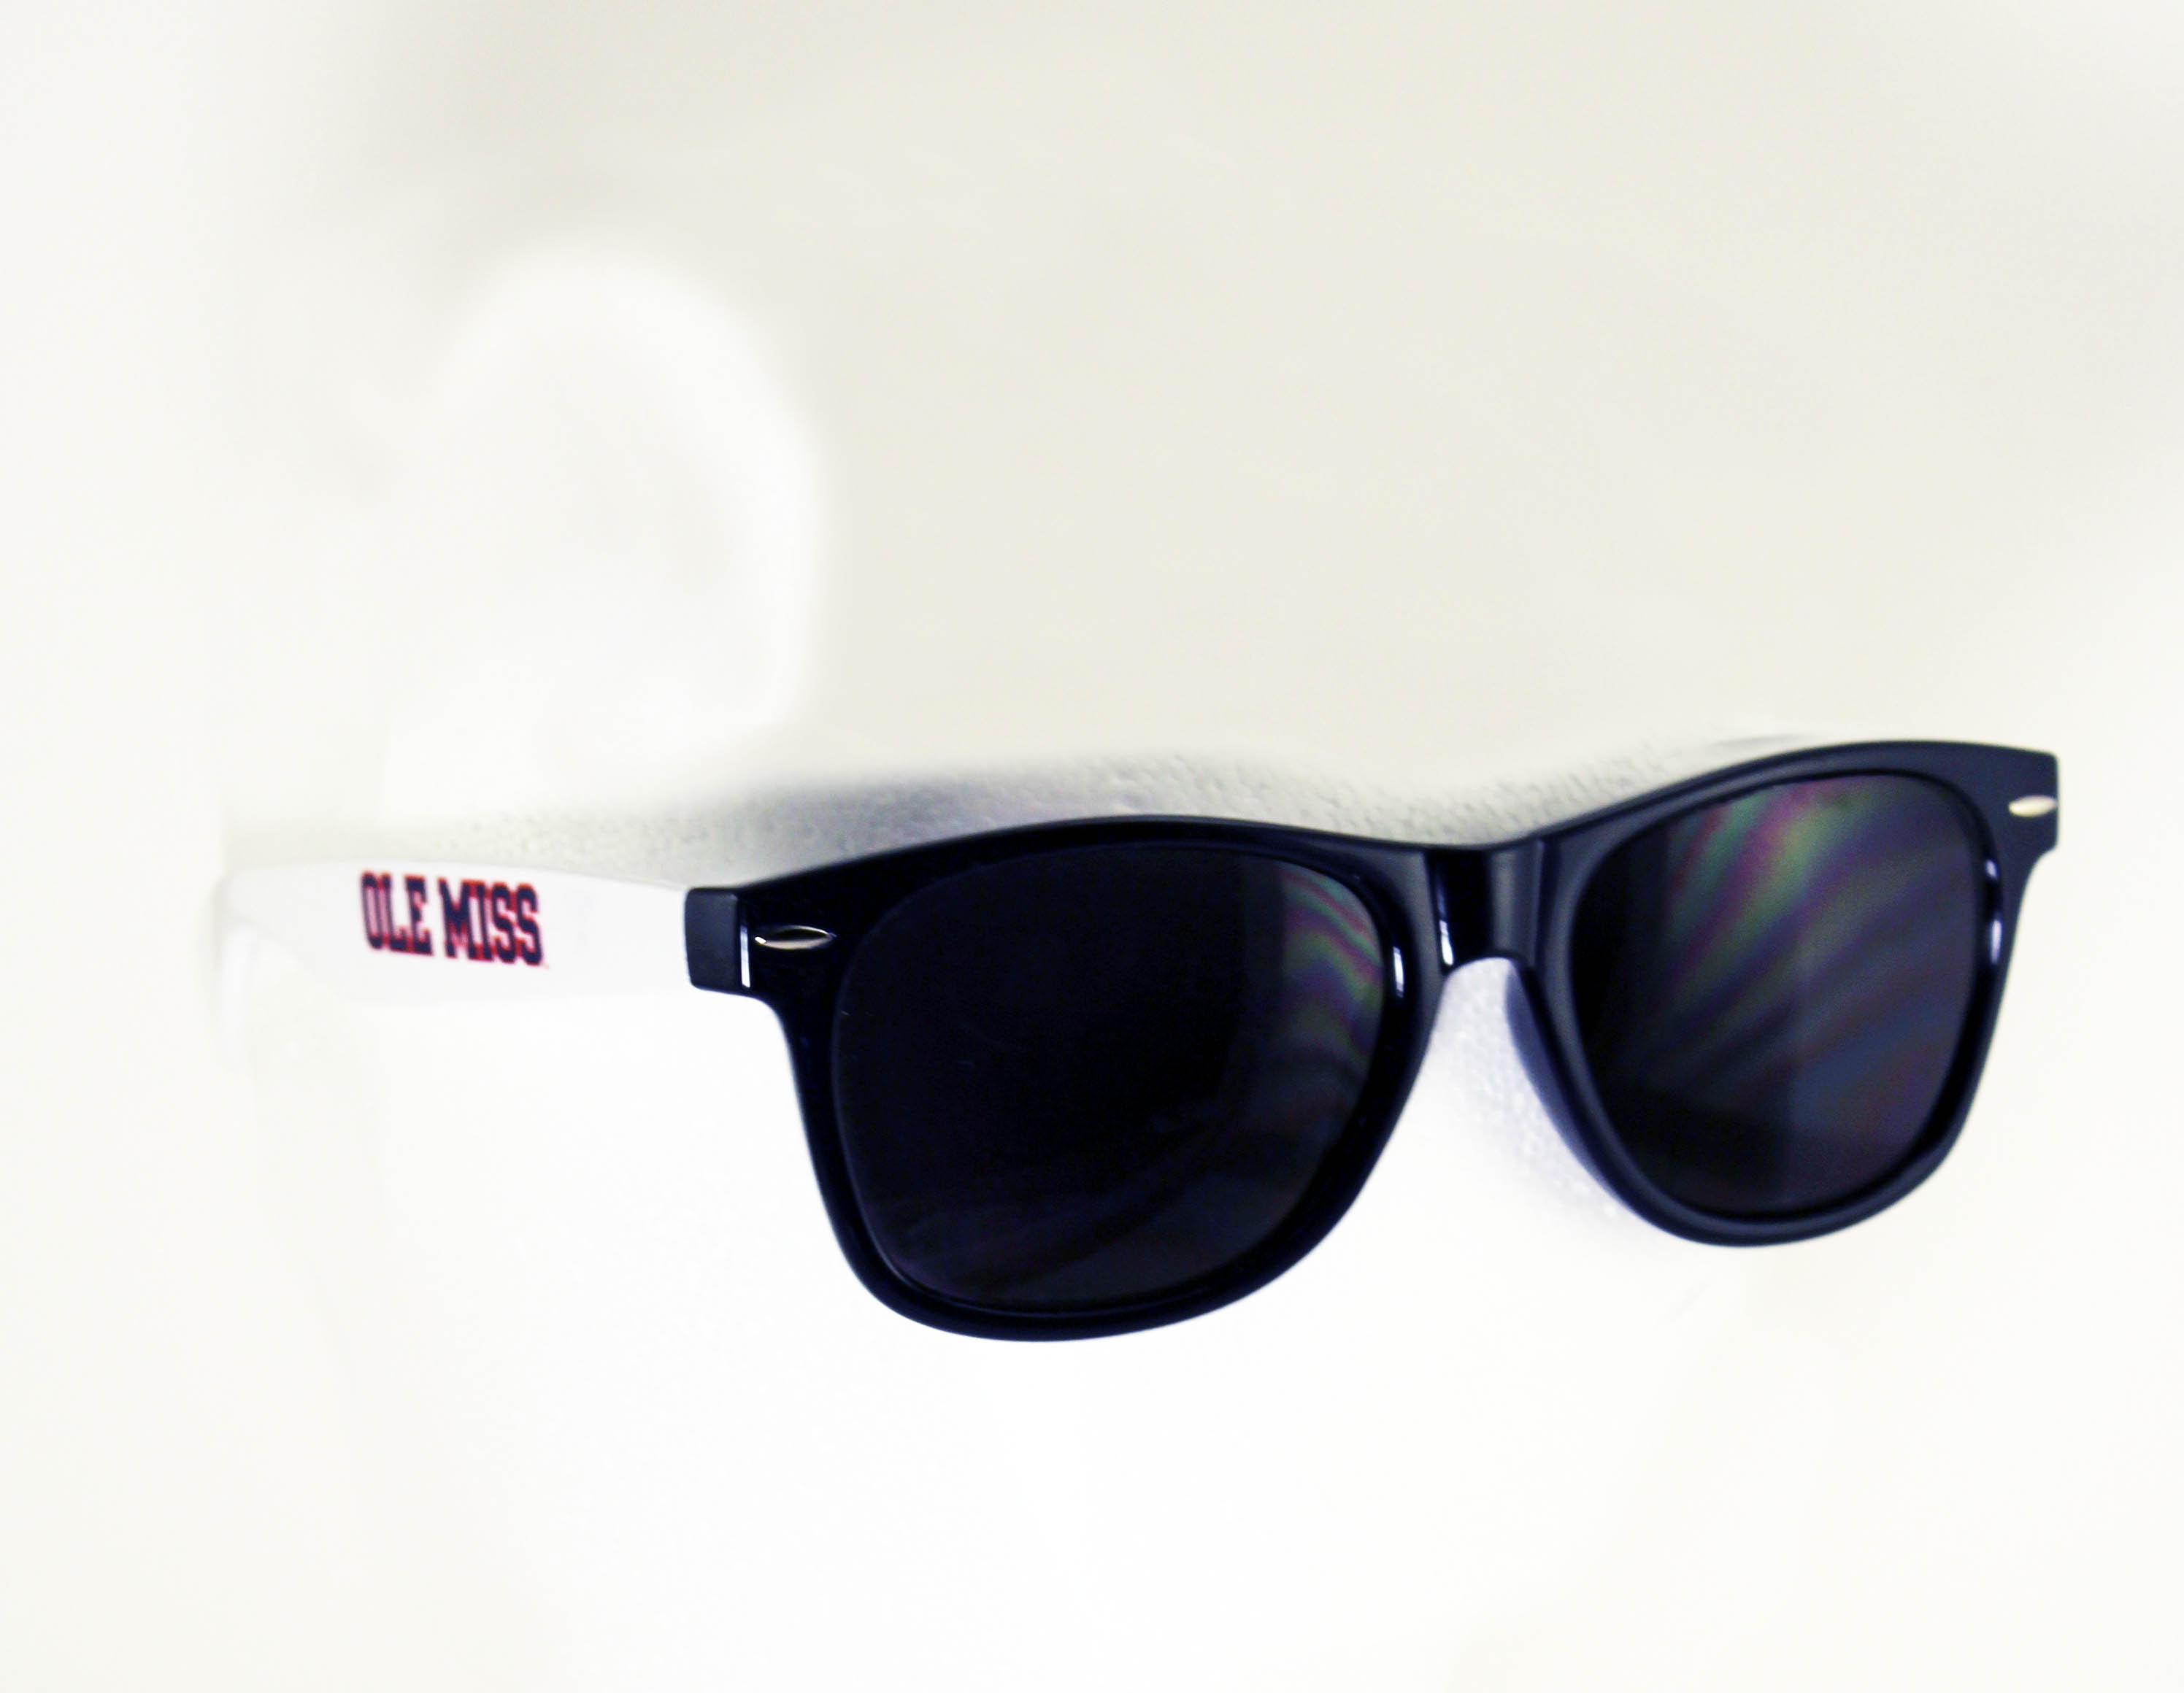 Ole Miss Sunglasses